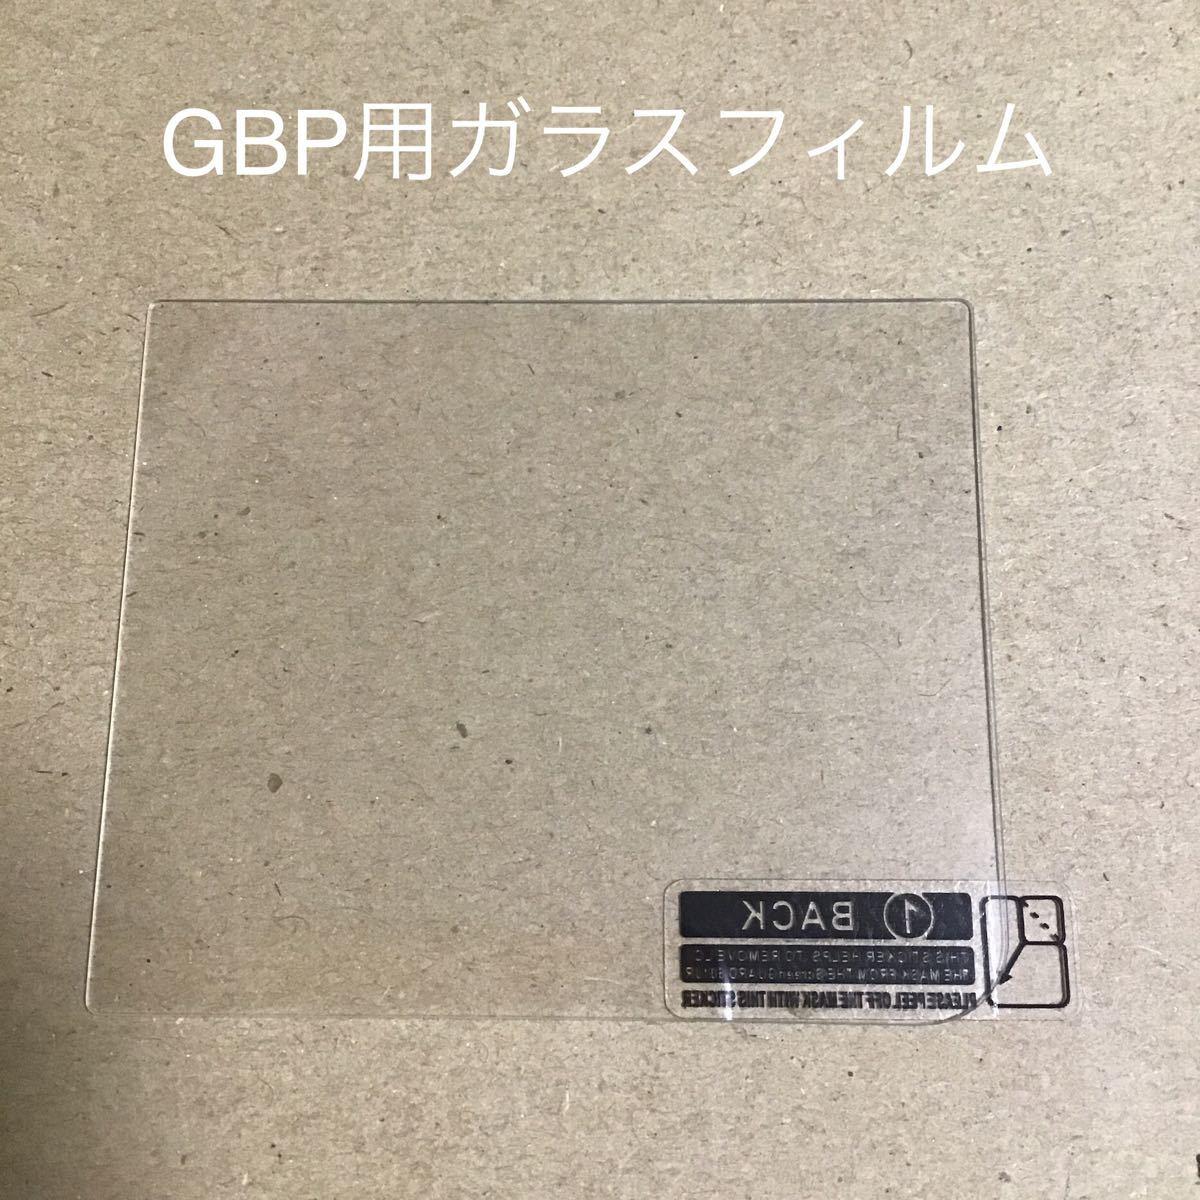 ゲームボーイポケット用液晶保護ガラスフィルム